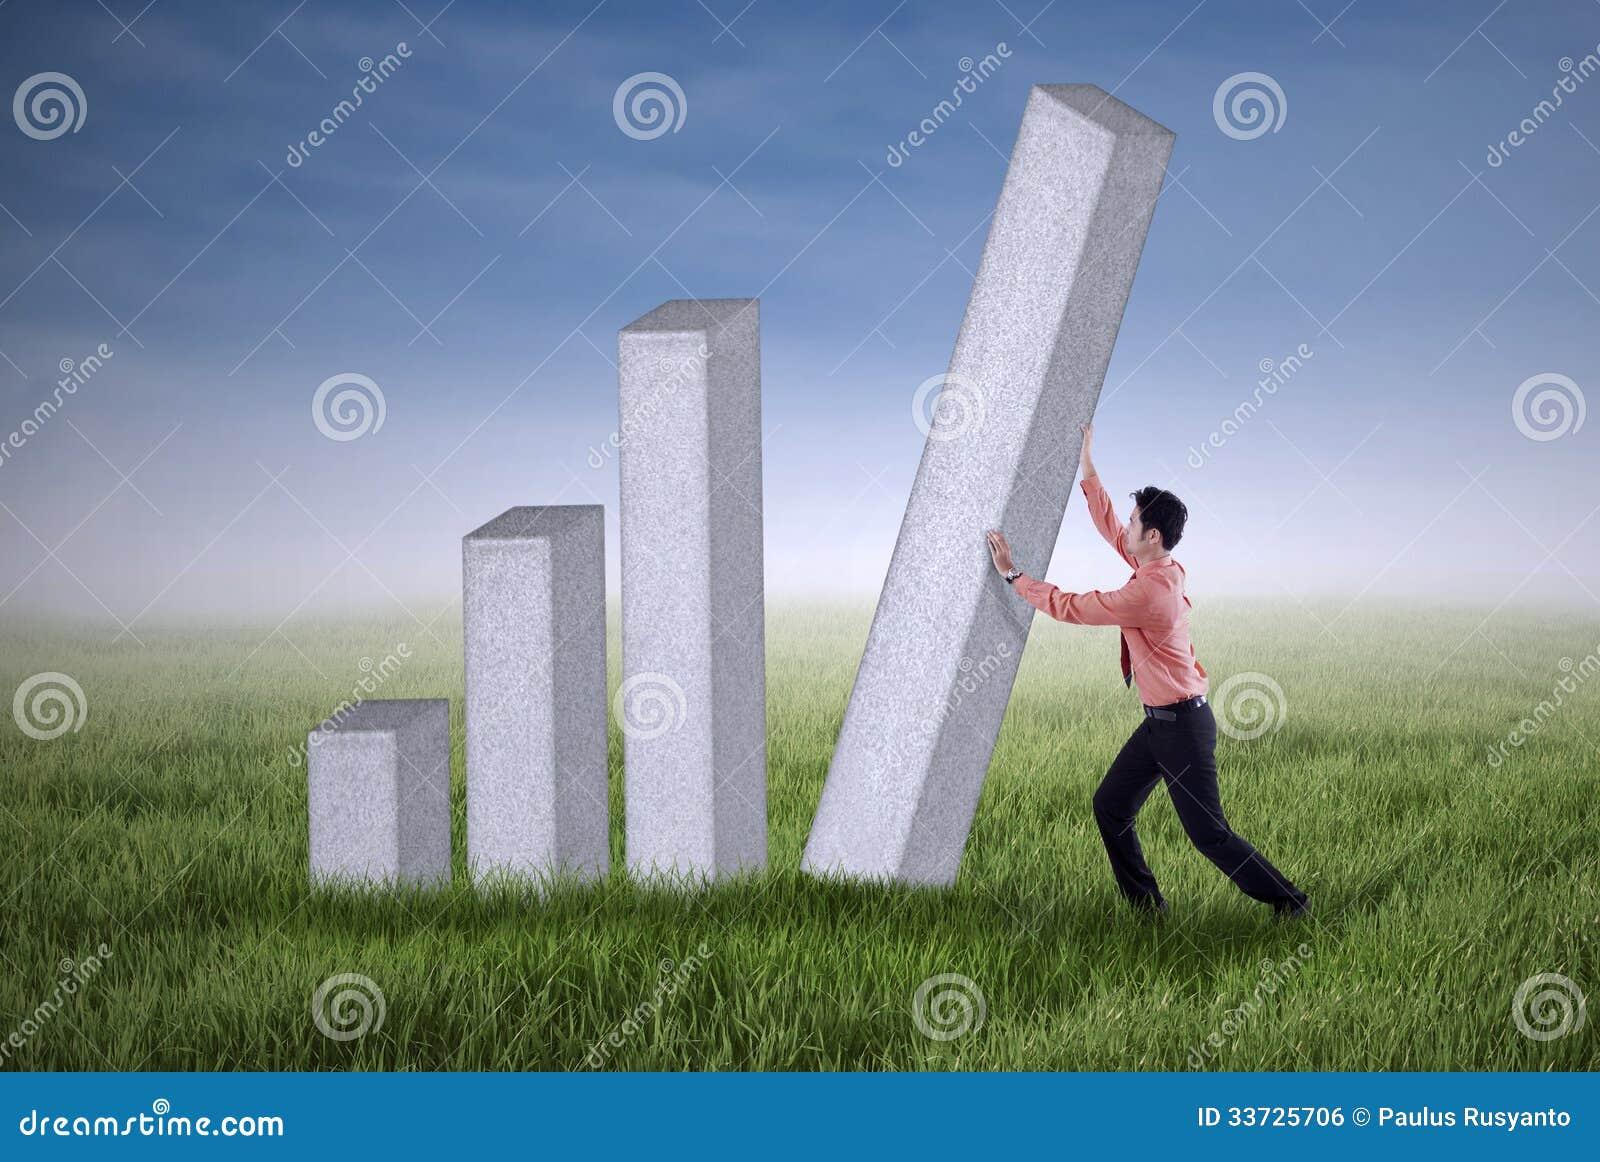 Молодой бизнесмен нажимая диаграмму в виде вертикальных полос внешнюю